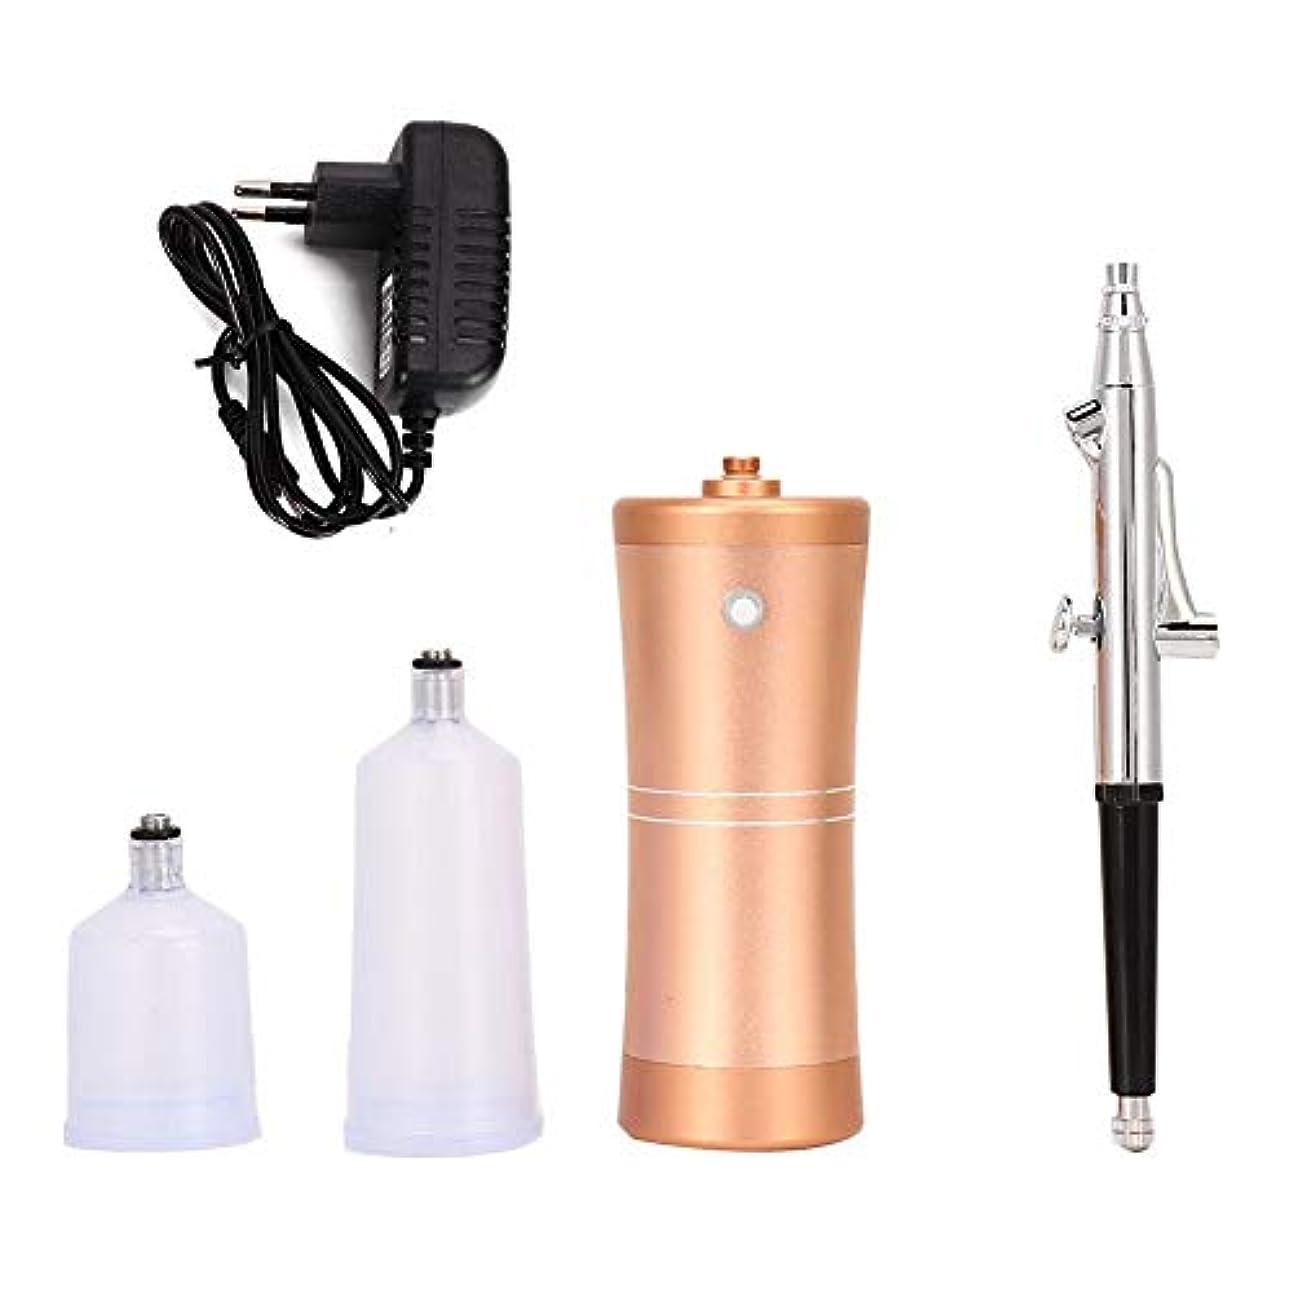 独立それから本物4種類 酸素噴霧器顔保湿スプレーエアブラシ霧化保湿剤空気圧縮機キット(03)